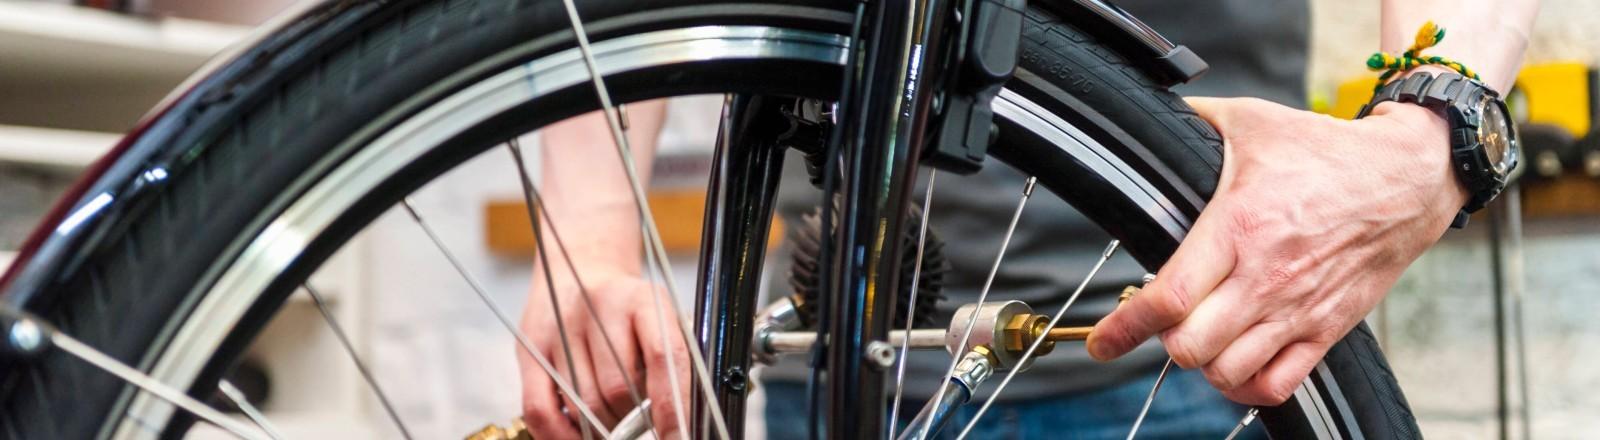 Ein Fahrrad-Rad wird repariert